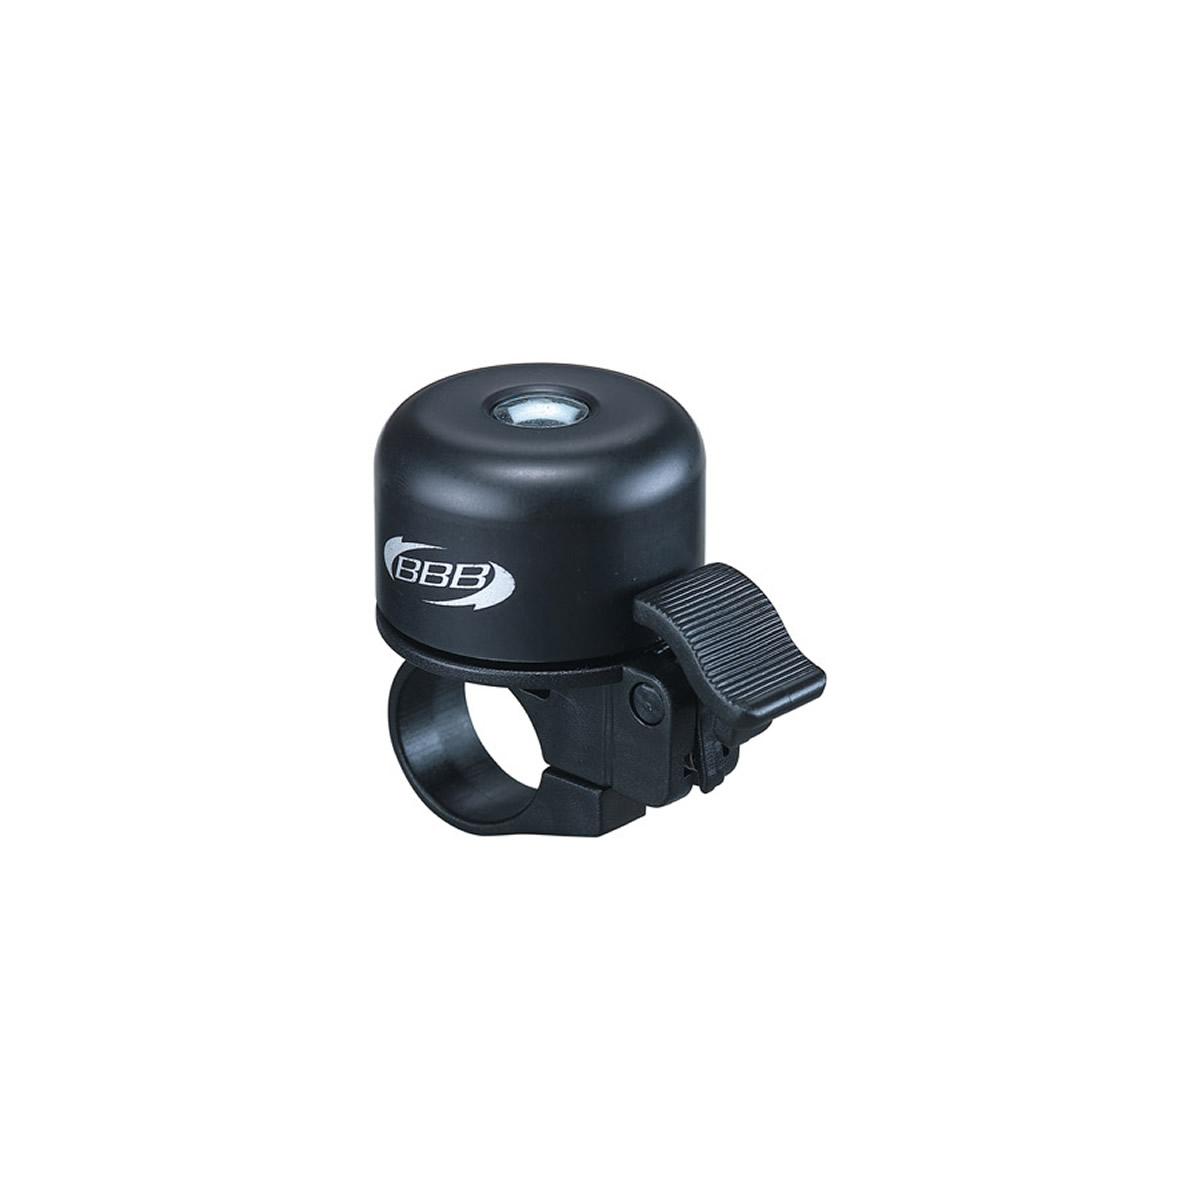 BBB BBB-11 Loud&Clear Bell Black